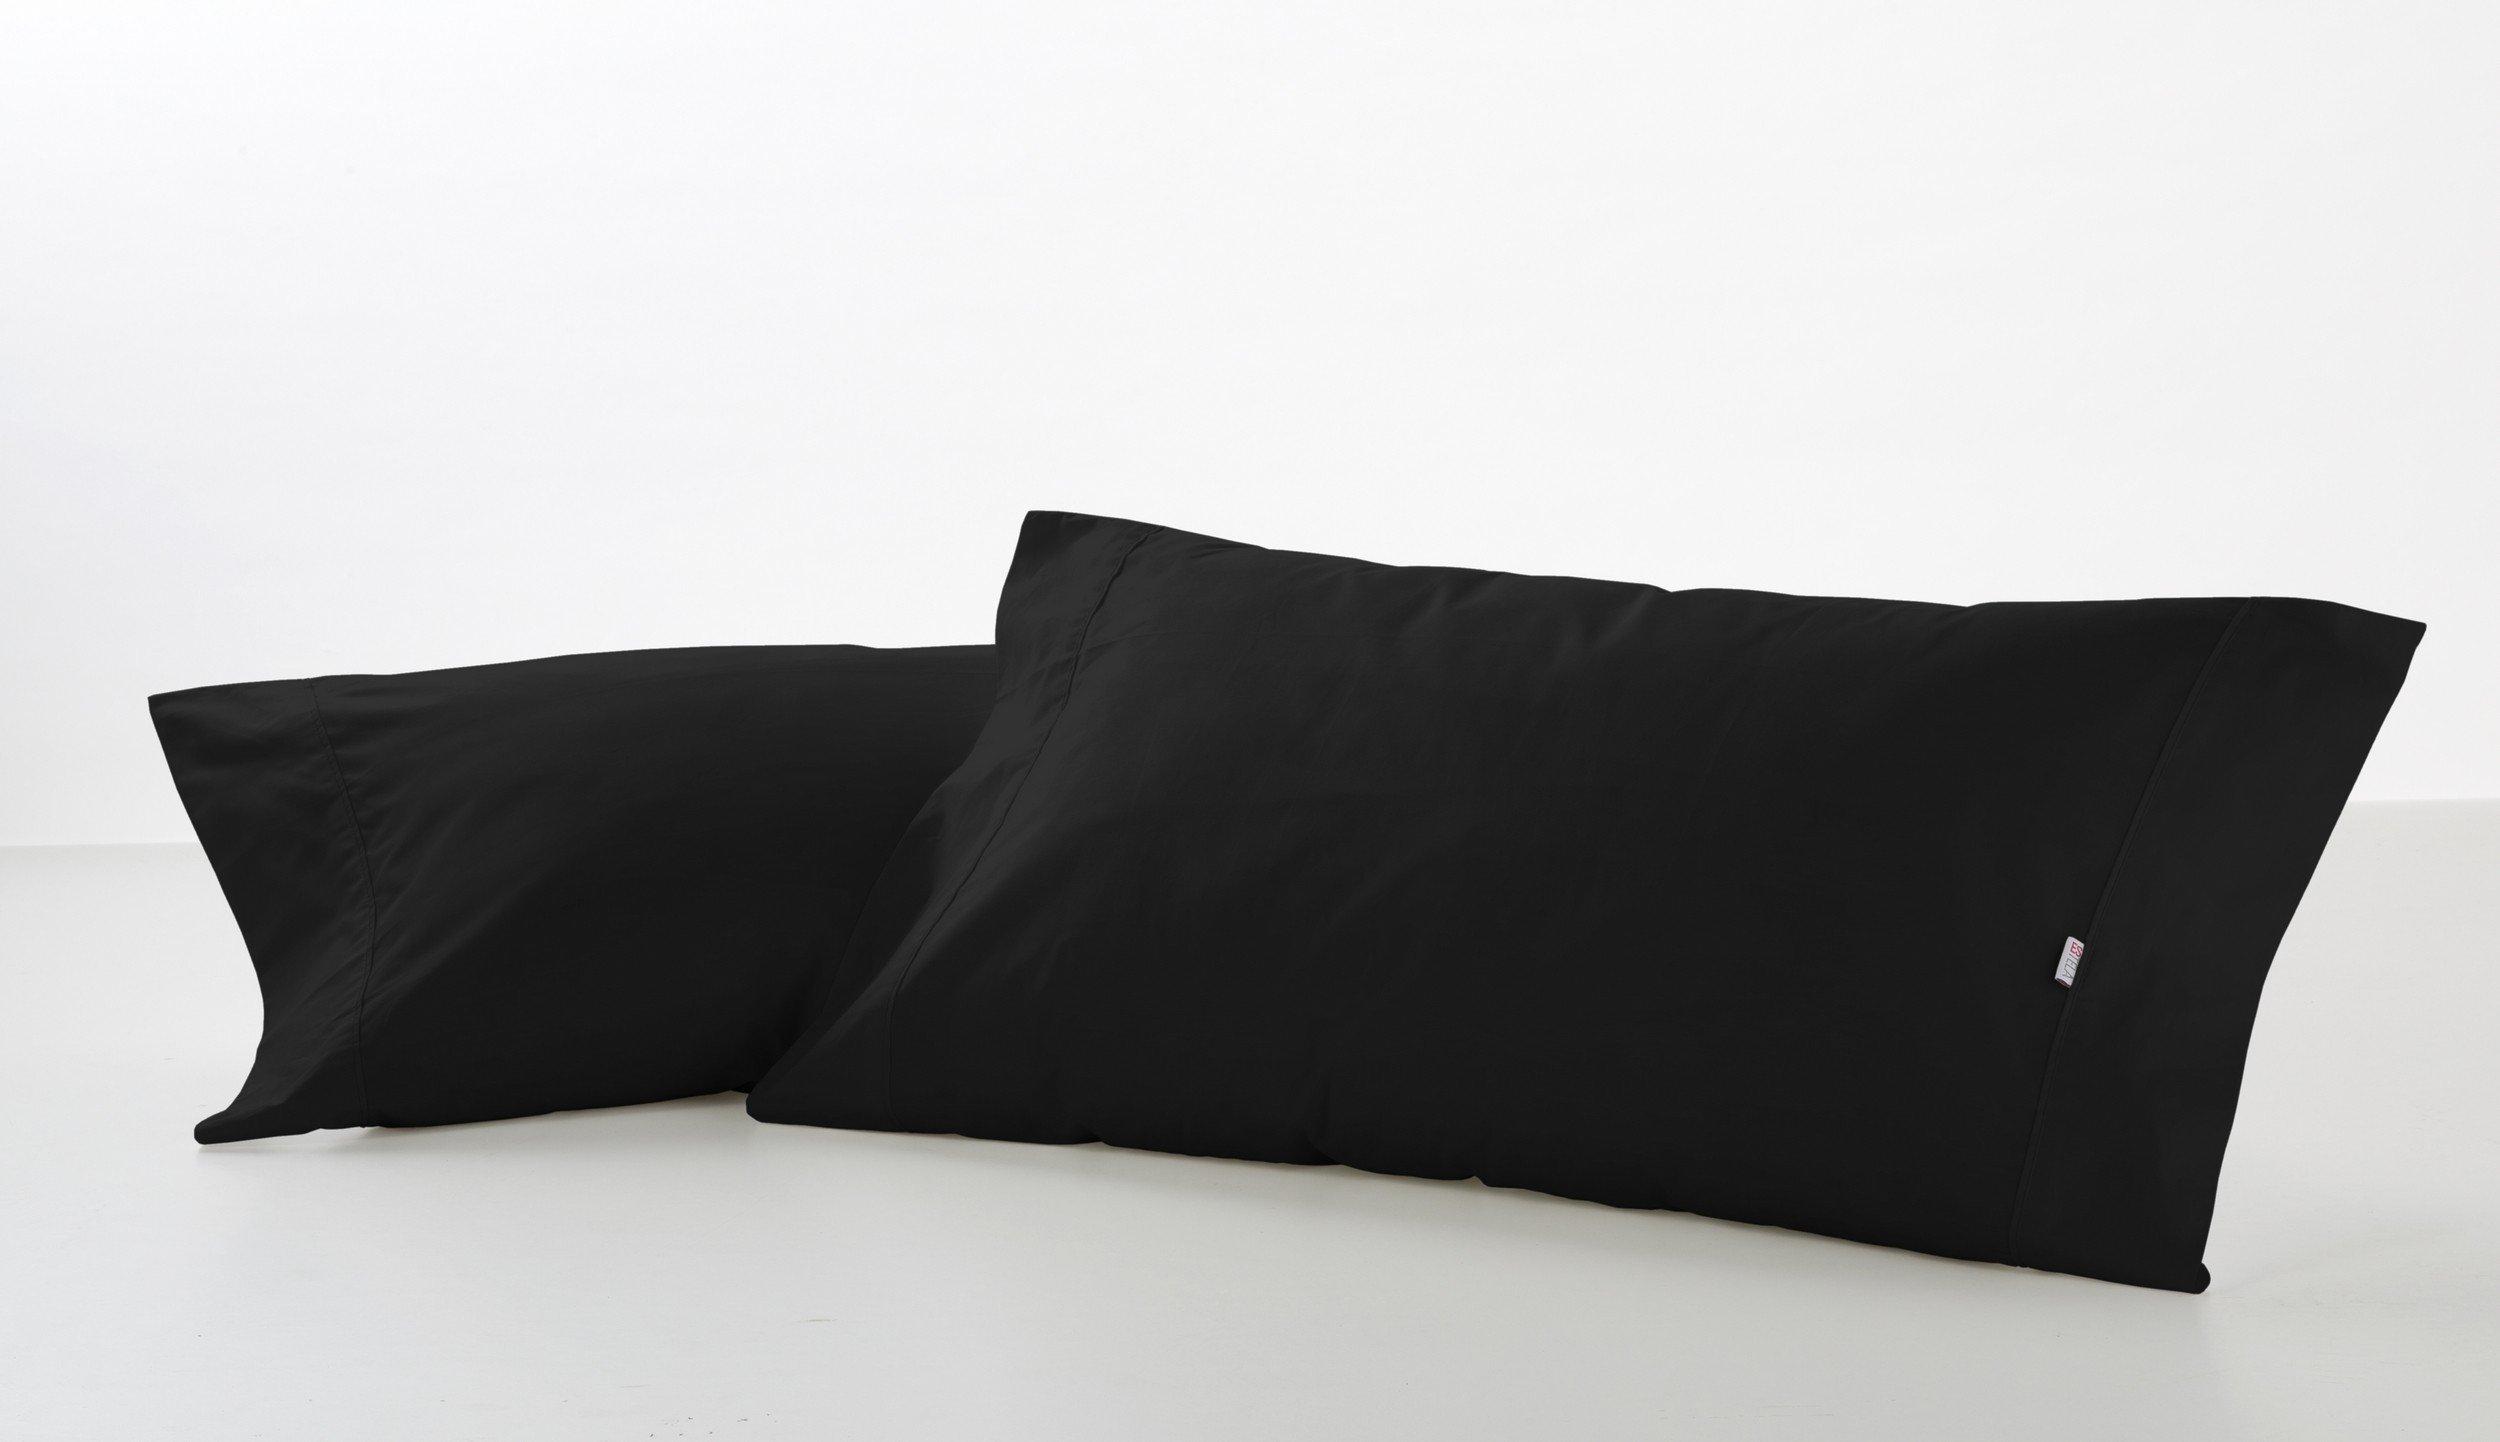 ES-TELA - Funda de almohada COMBI LISO color Negro - 2 piezas de 45x85